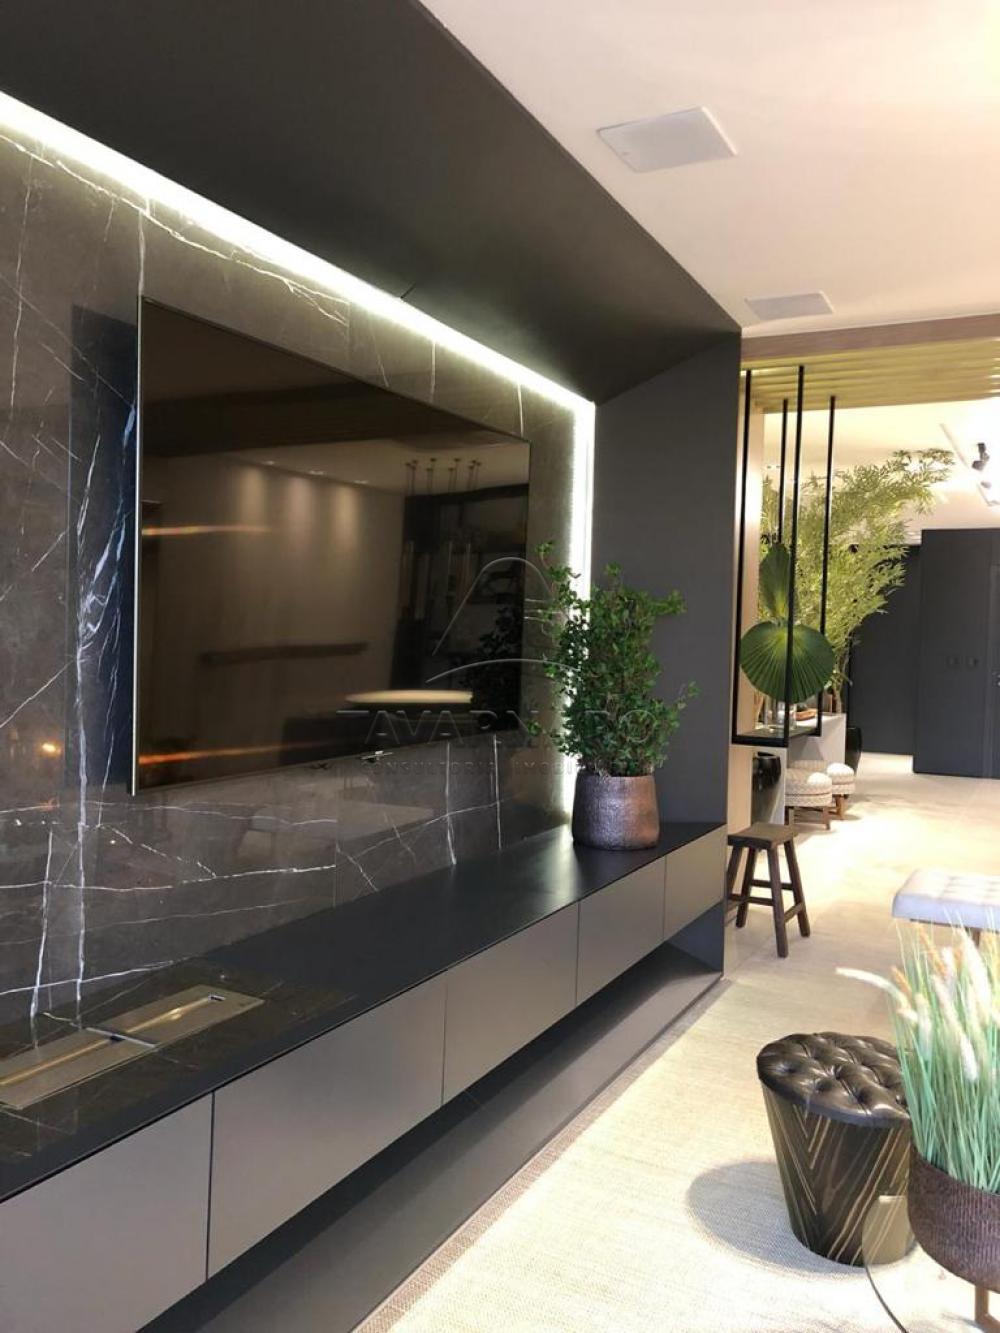 Comprar Apartamento / Padrão em Ponta Grossa R$ 1.500.000,00 - Foto 5